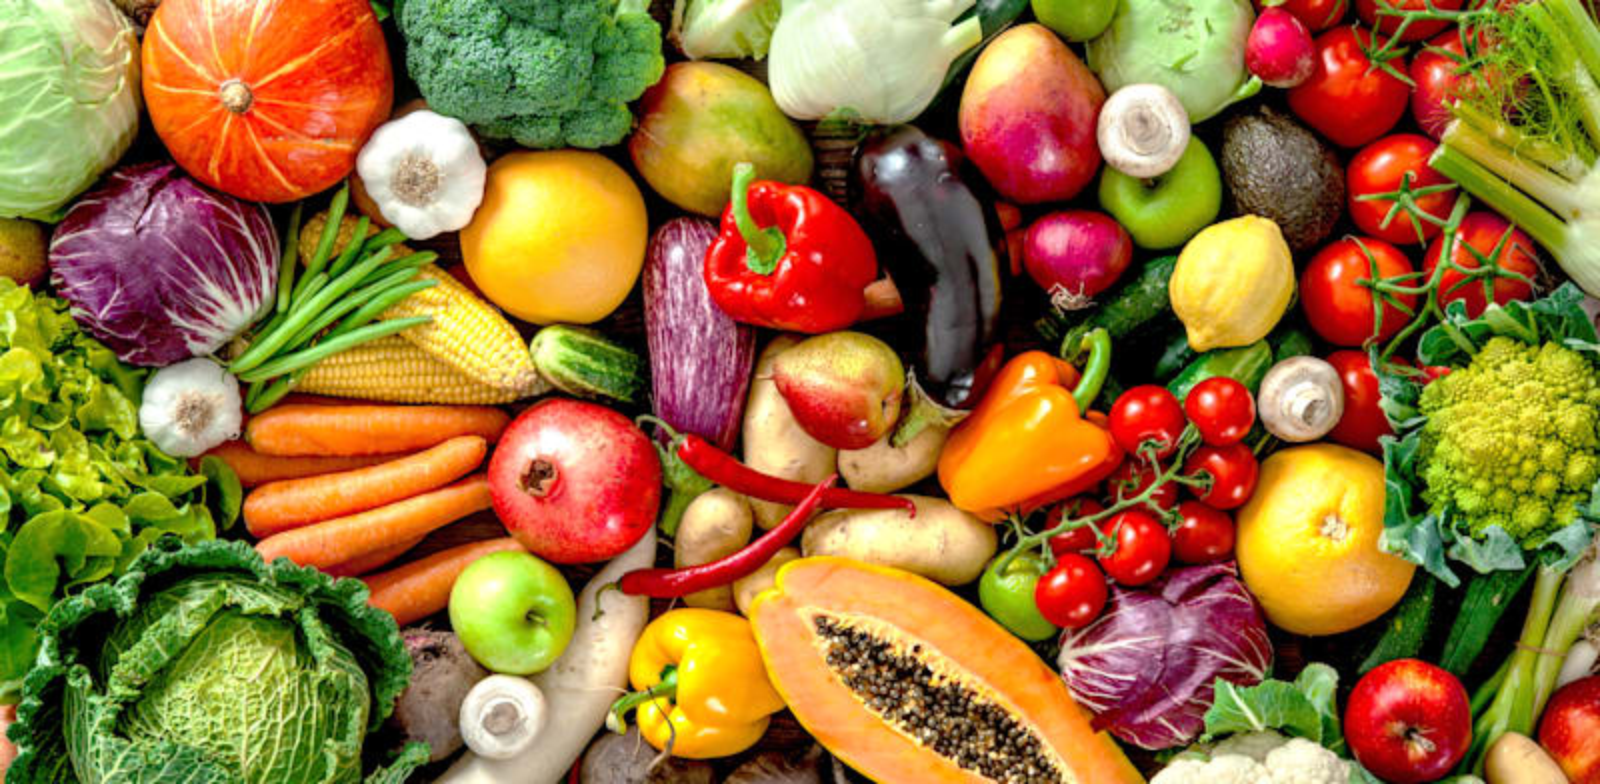 ירקות. אוכל בריא עשוי להיות יקר יותר / צילום: Shutterstock, Alexander Raths